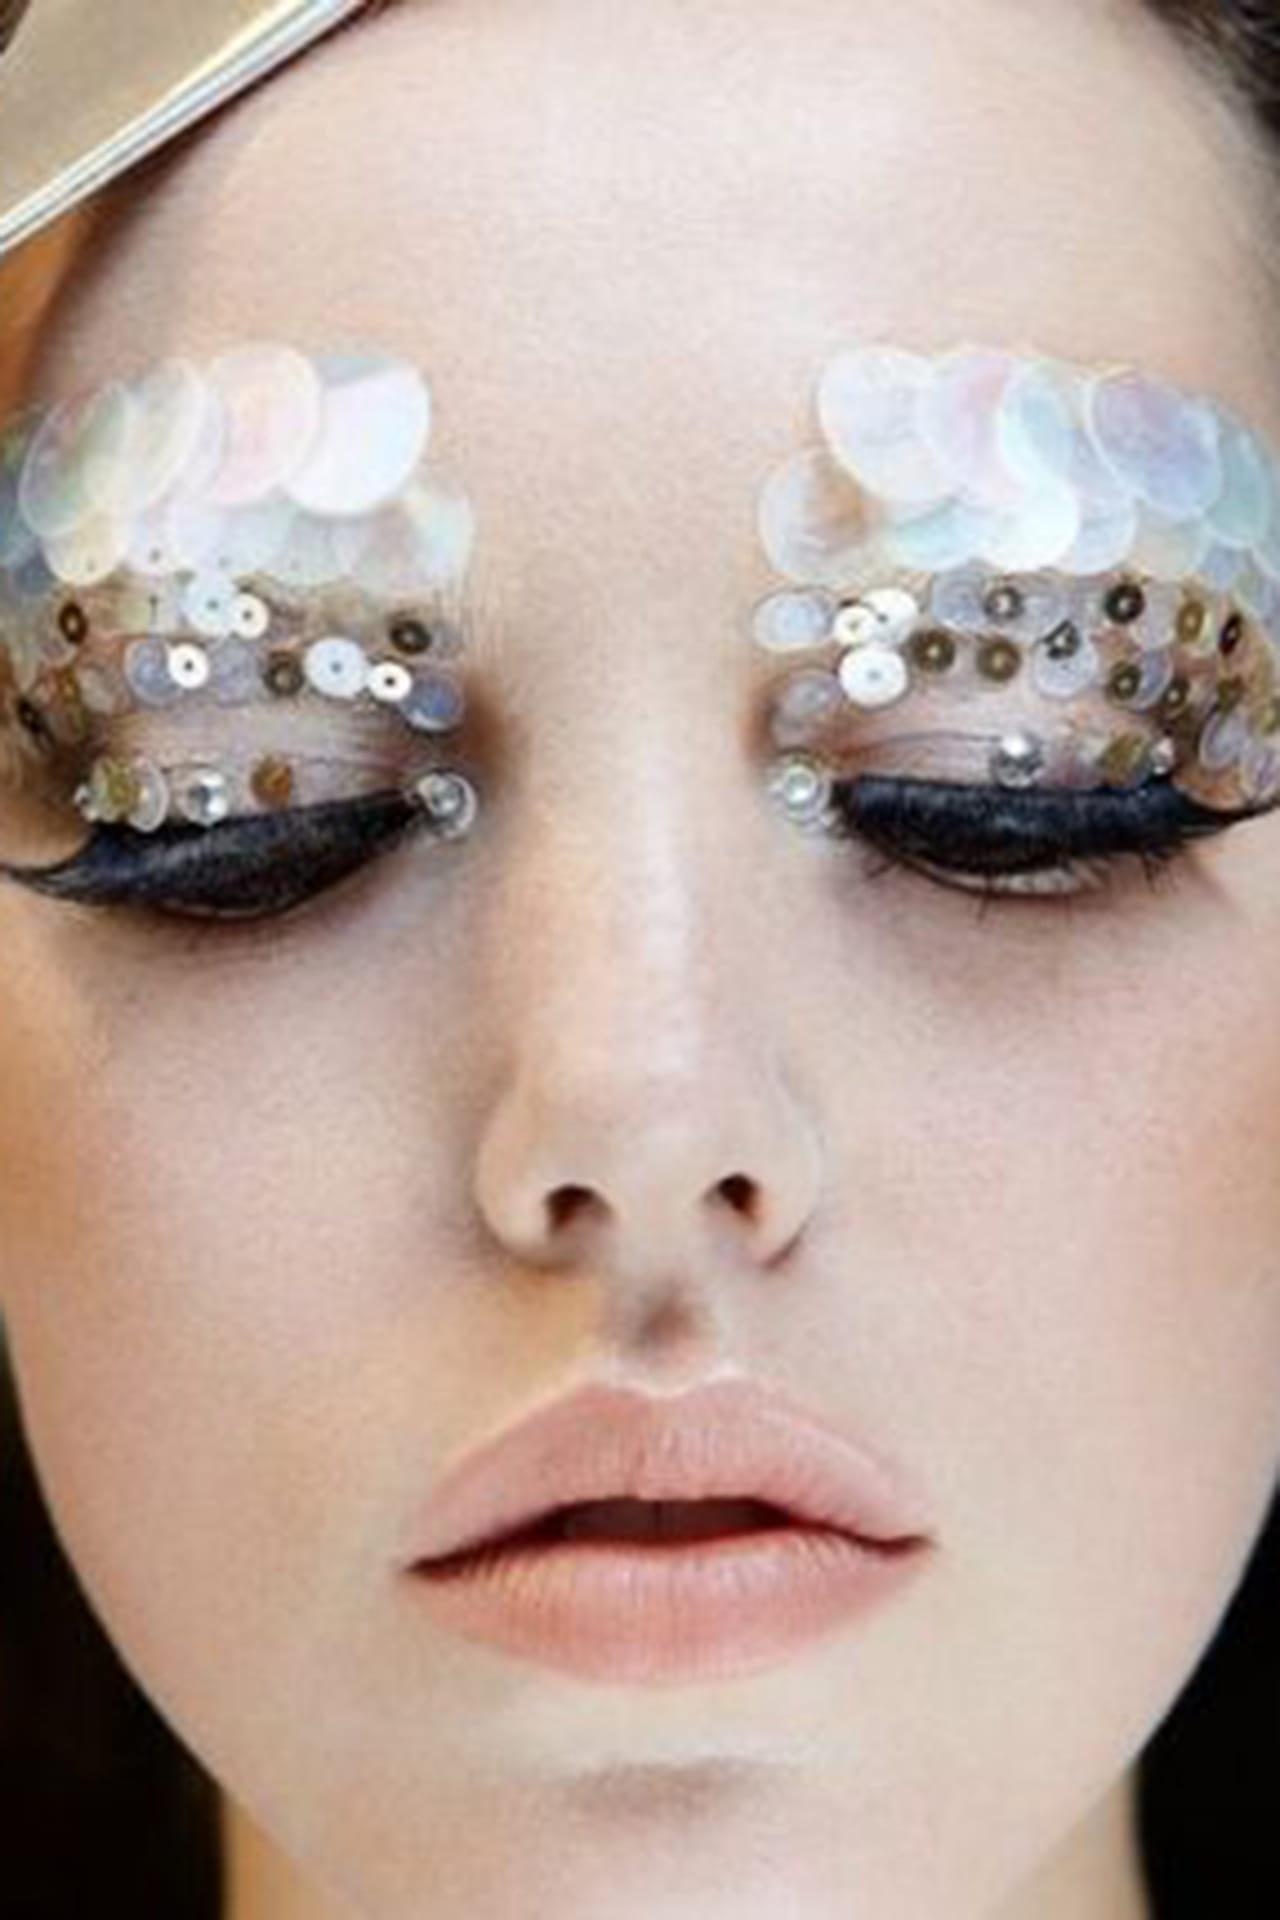 Adesivo De Rosto Carnaval ~ Maquiagem para carnaval sugestões de make para cair na folia